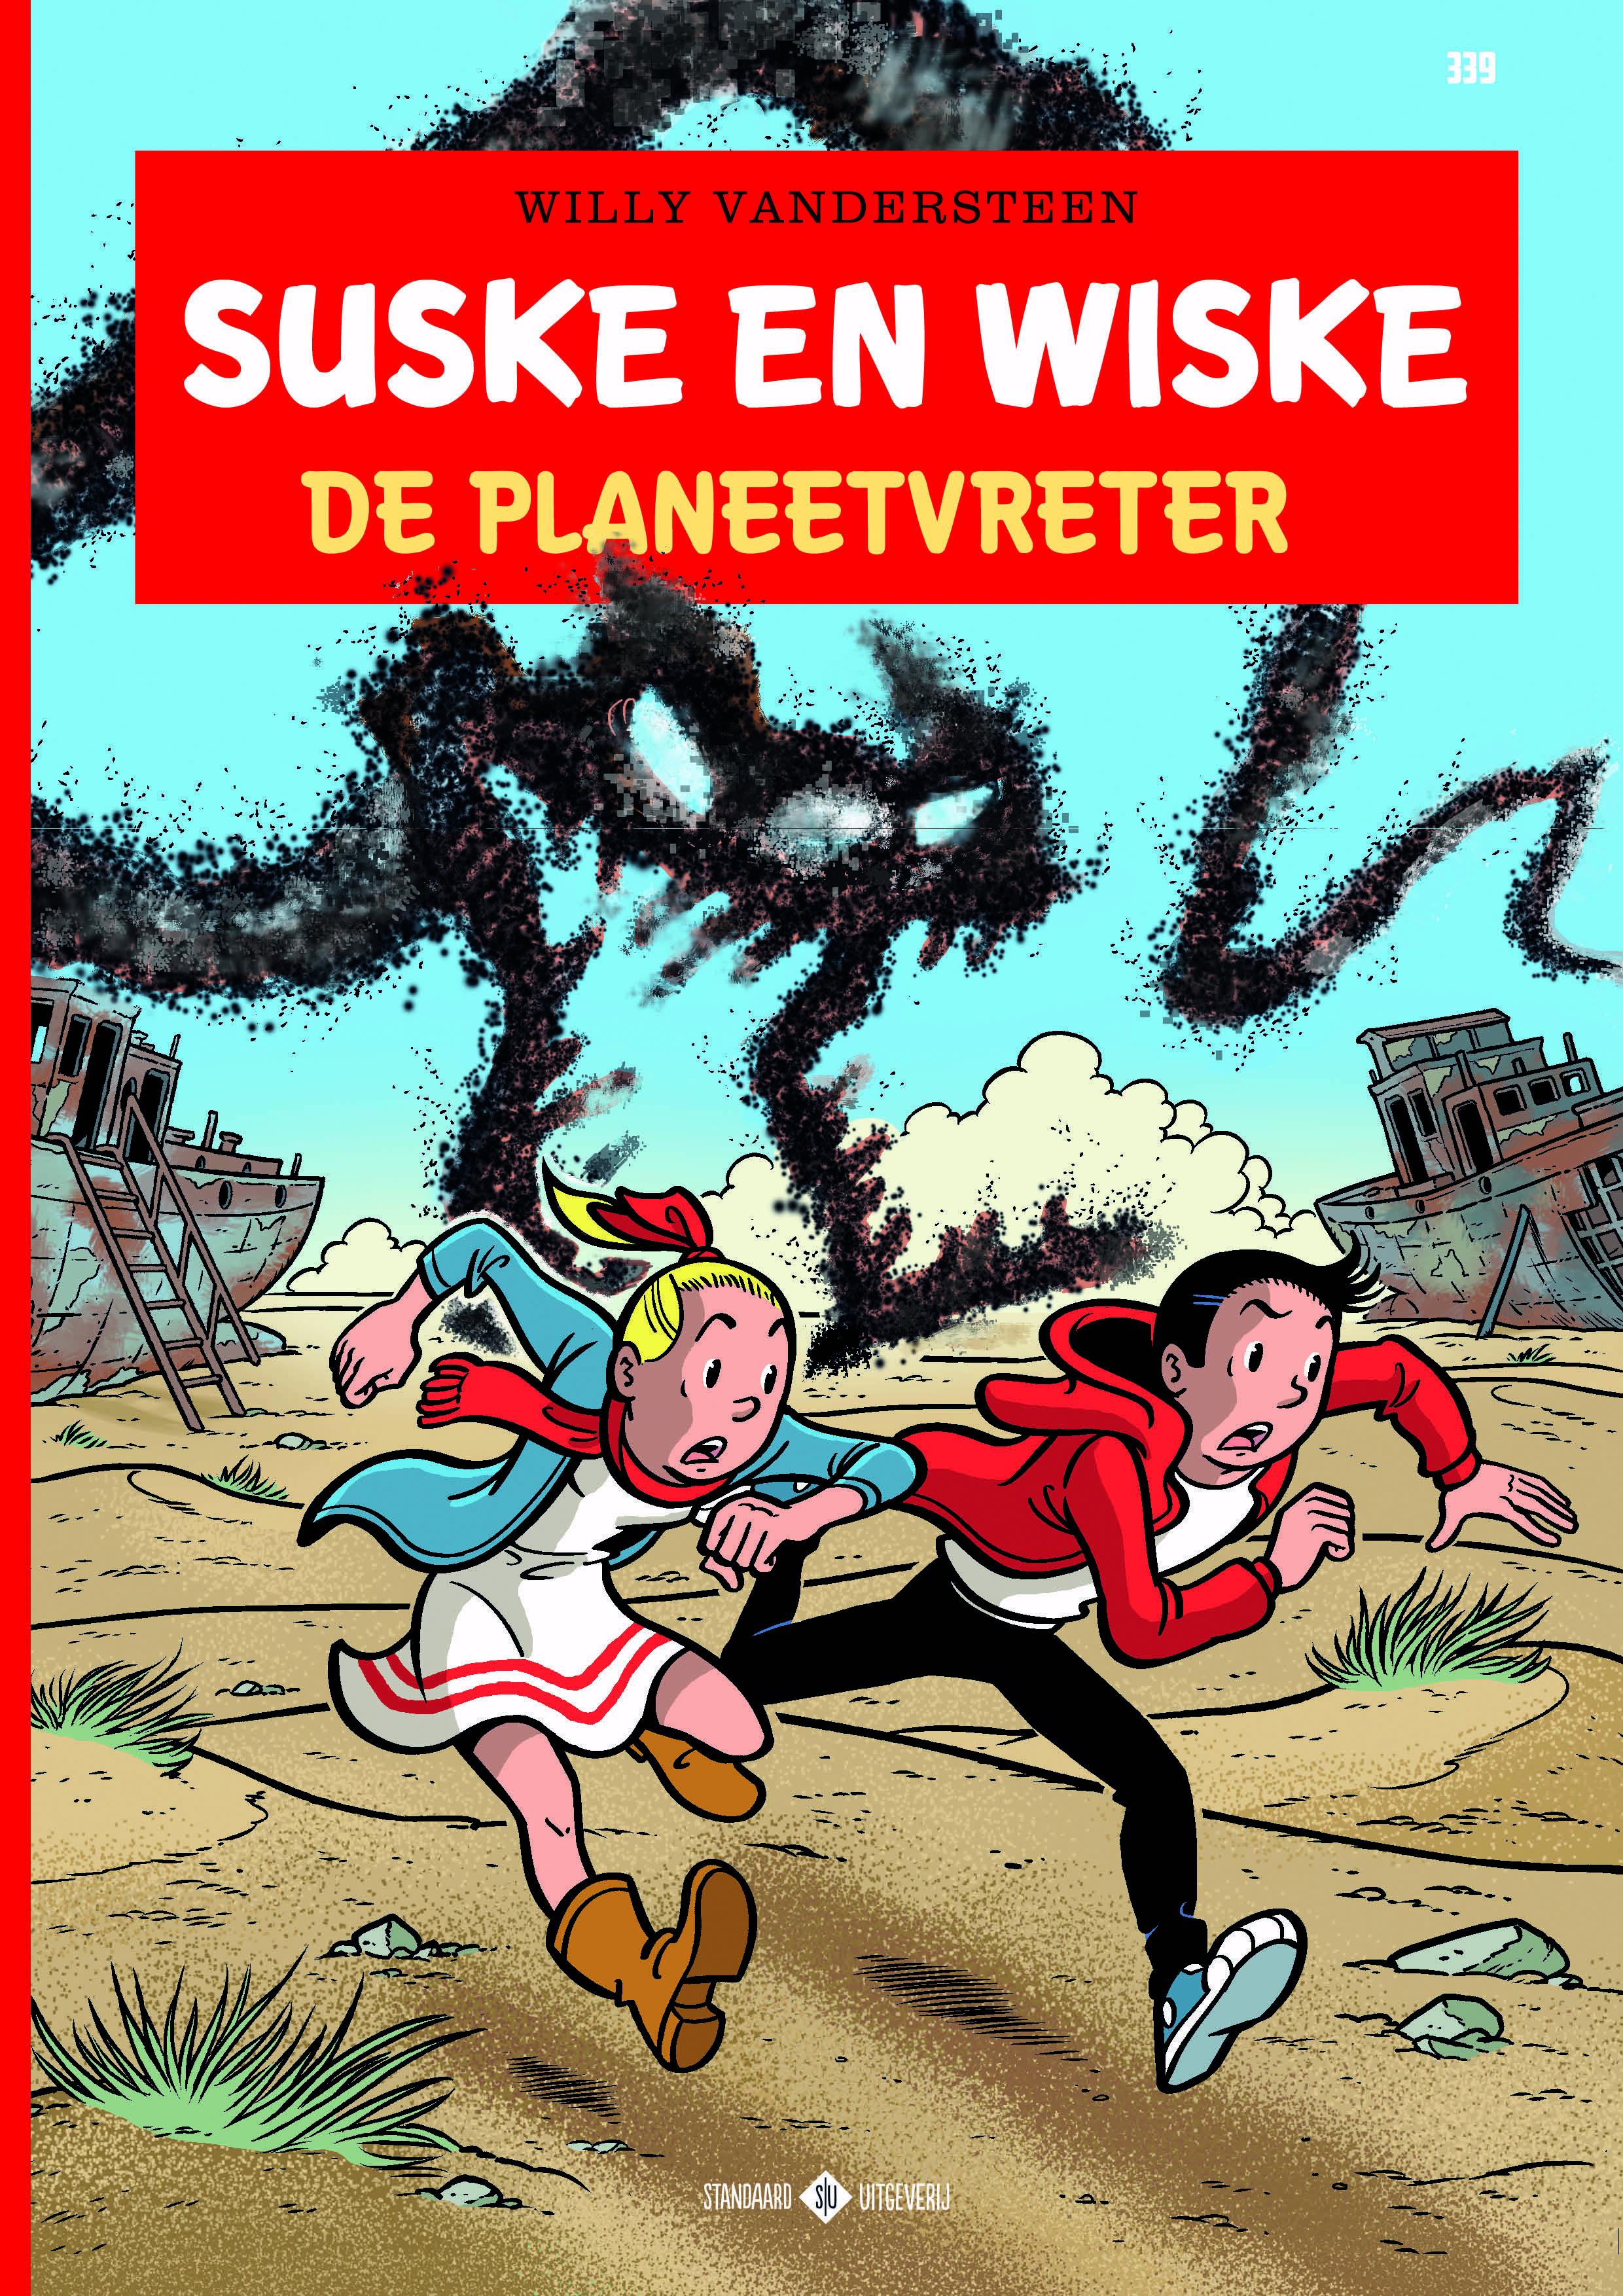 Afbeeldingsresultaat voor suske en wiske planeetvreter